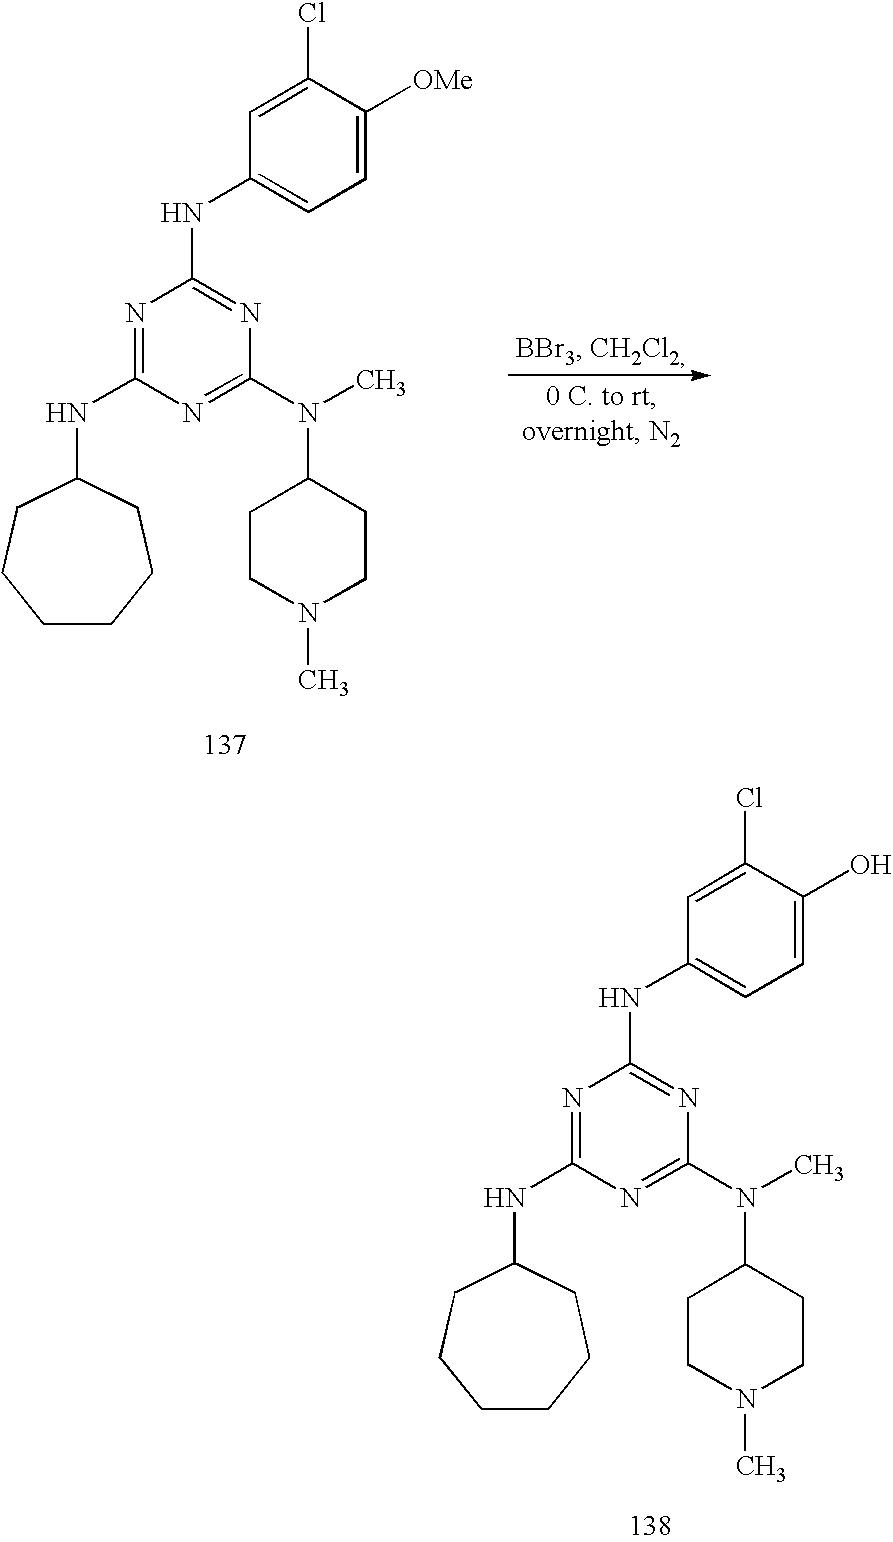 Figure US20050113341A1-20050526-C00162